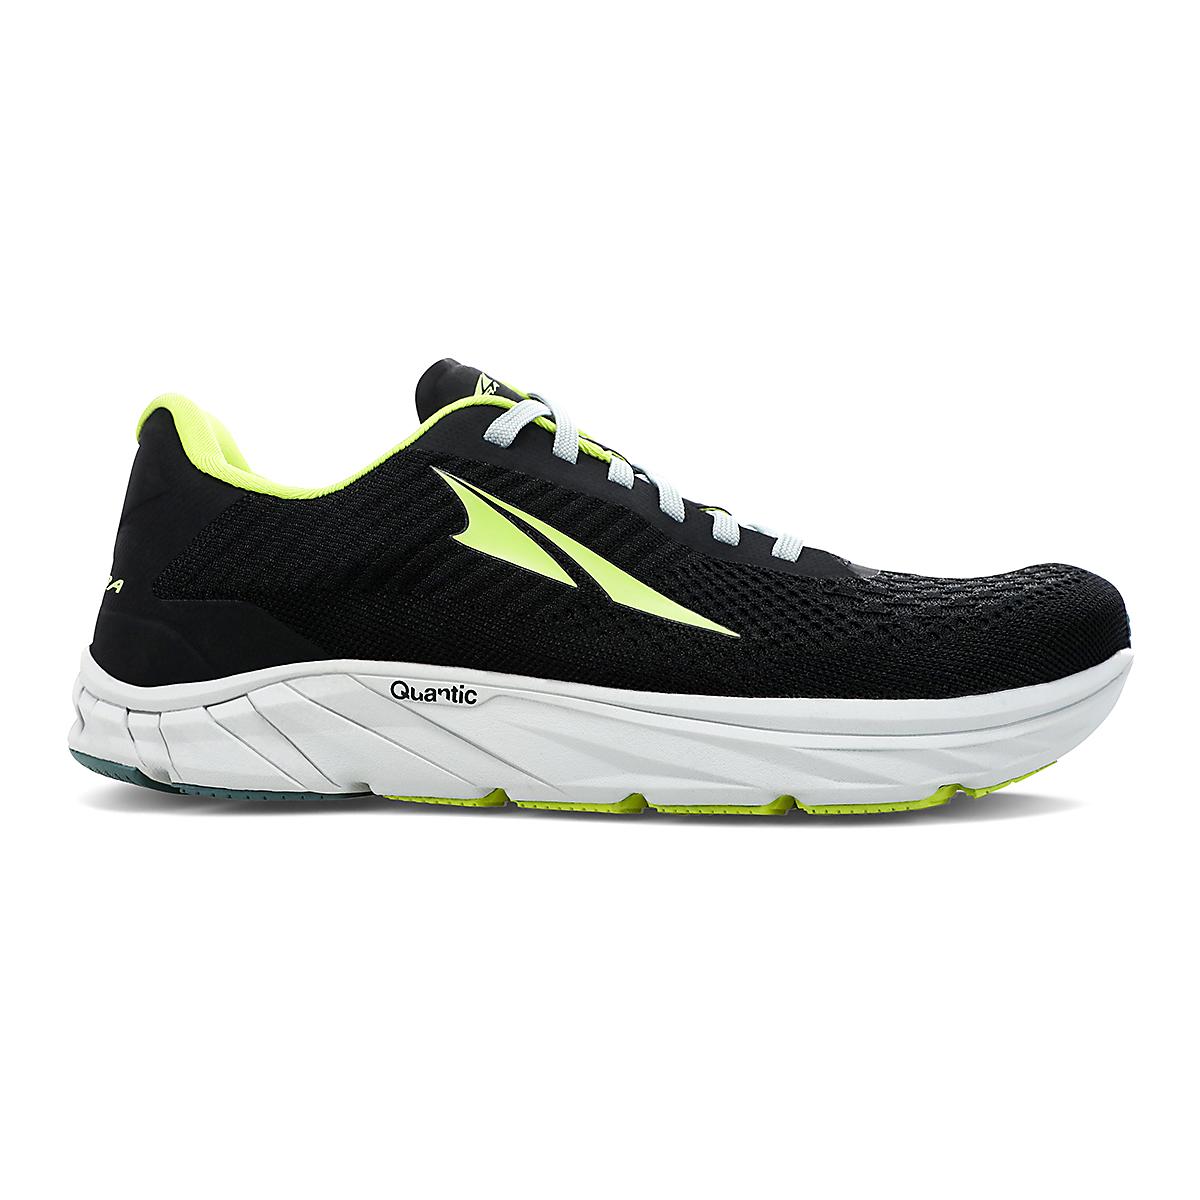 Men's Altra Torin 4.5 Plush Running Shoe - Color: Black/Lime - Size: 7 - Width: Regular, Black/Lime, large, image 1